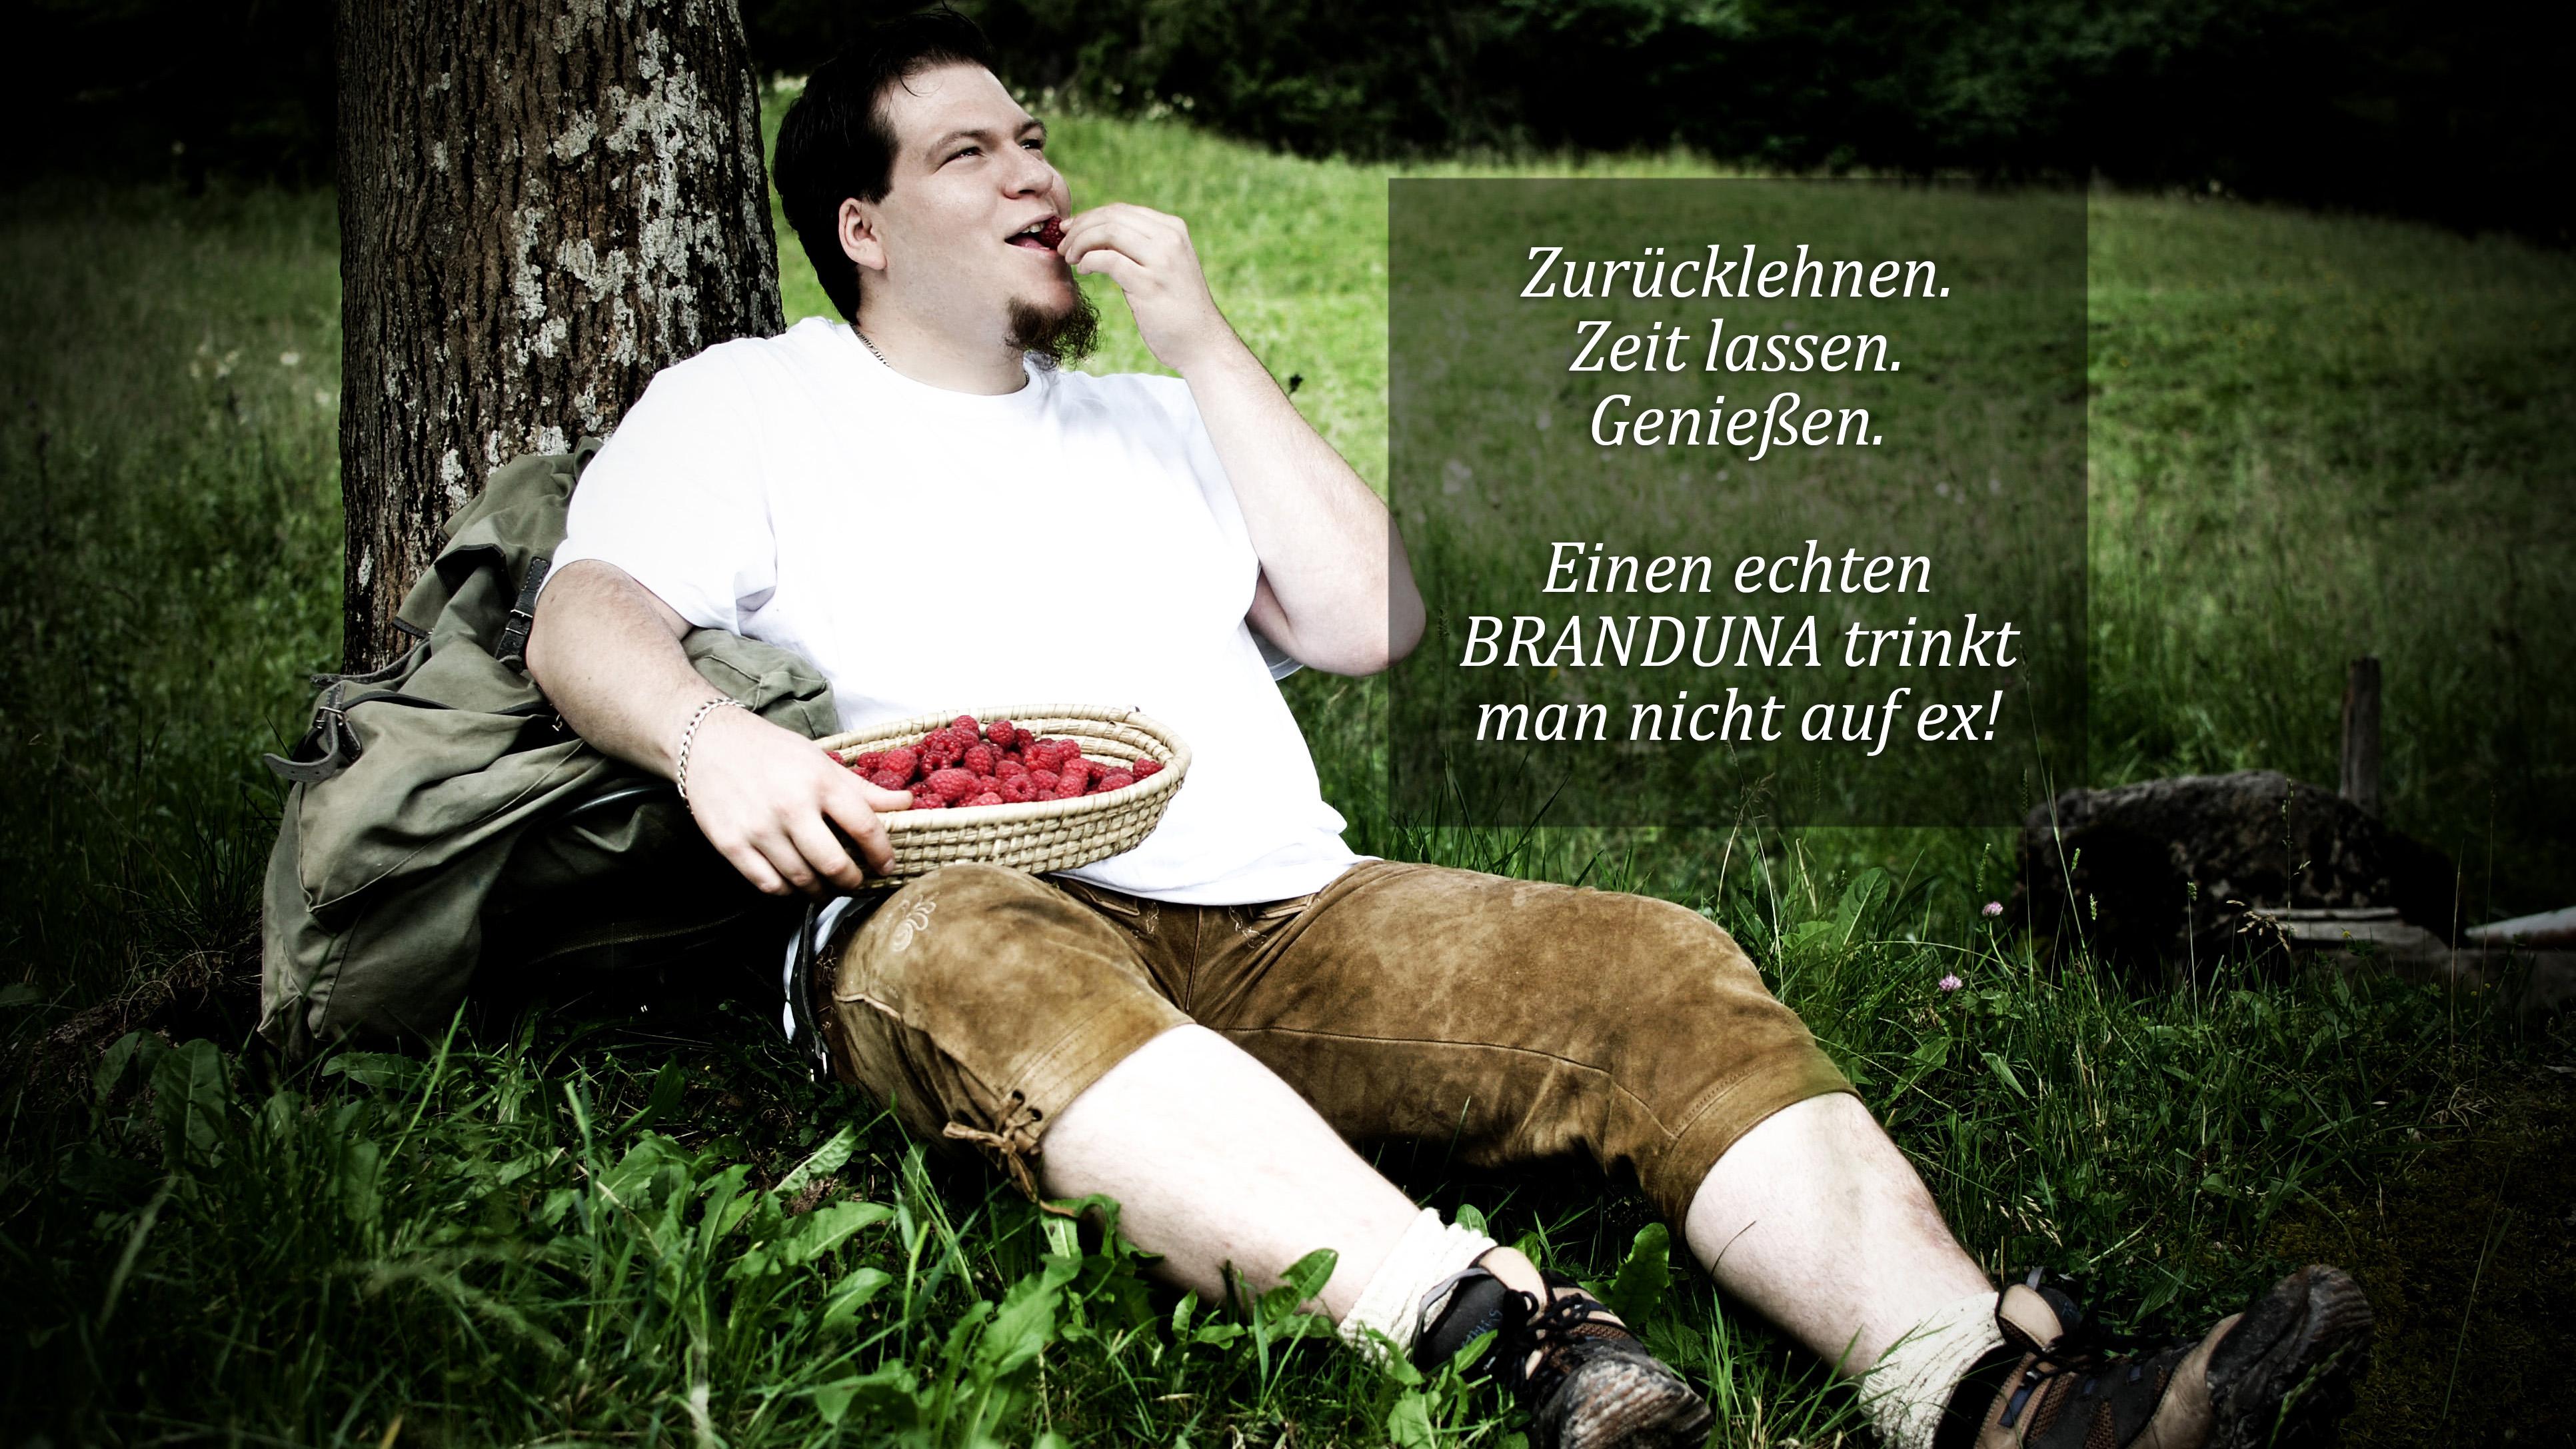 Schnaps_03_pp_ps_16_9_Spruch